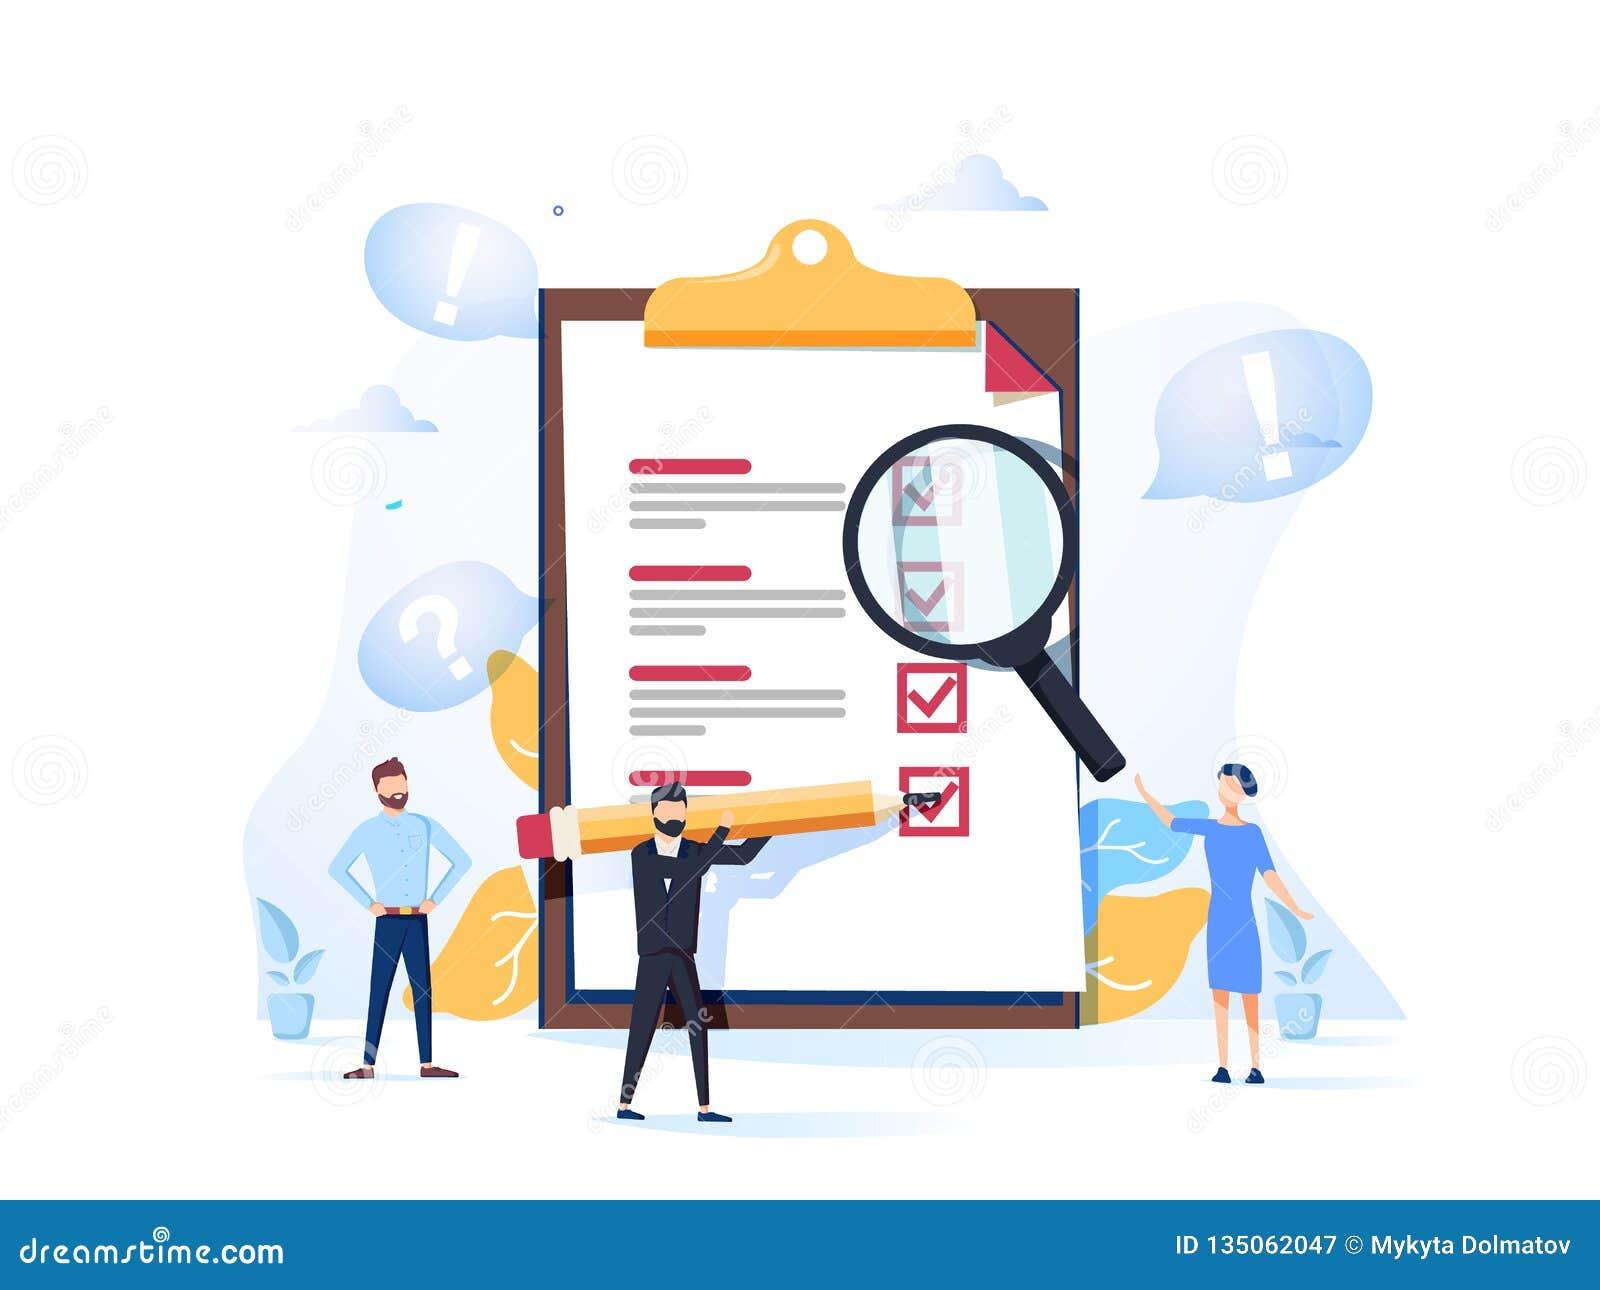 Übersichtsvektorillustration Flaches Minipersonenkonzept mit Qualitätsprüfung und Zufriedenheits-Bericht Feedback von den Kunden